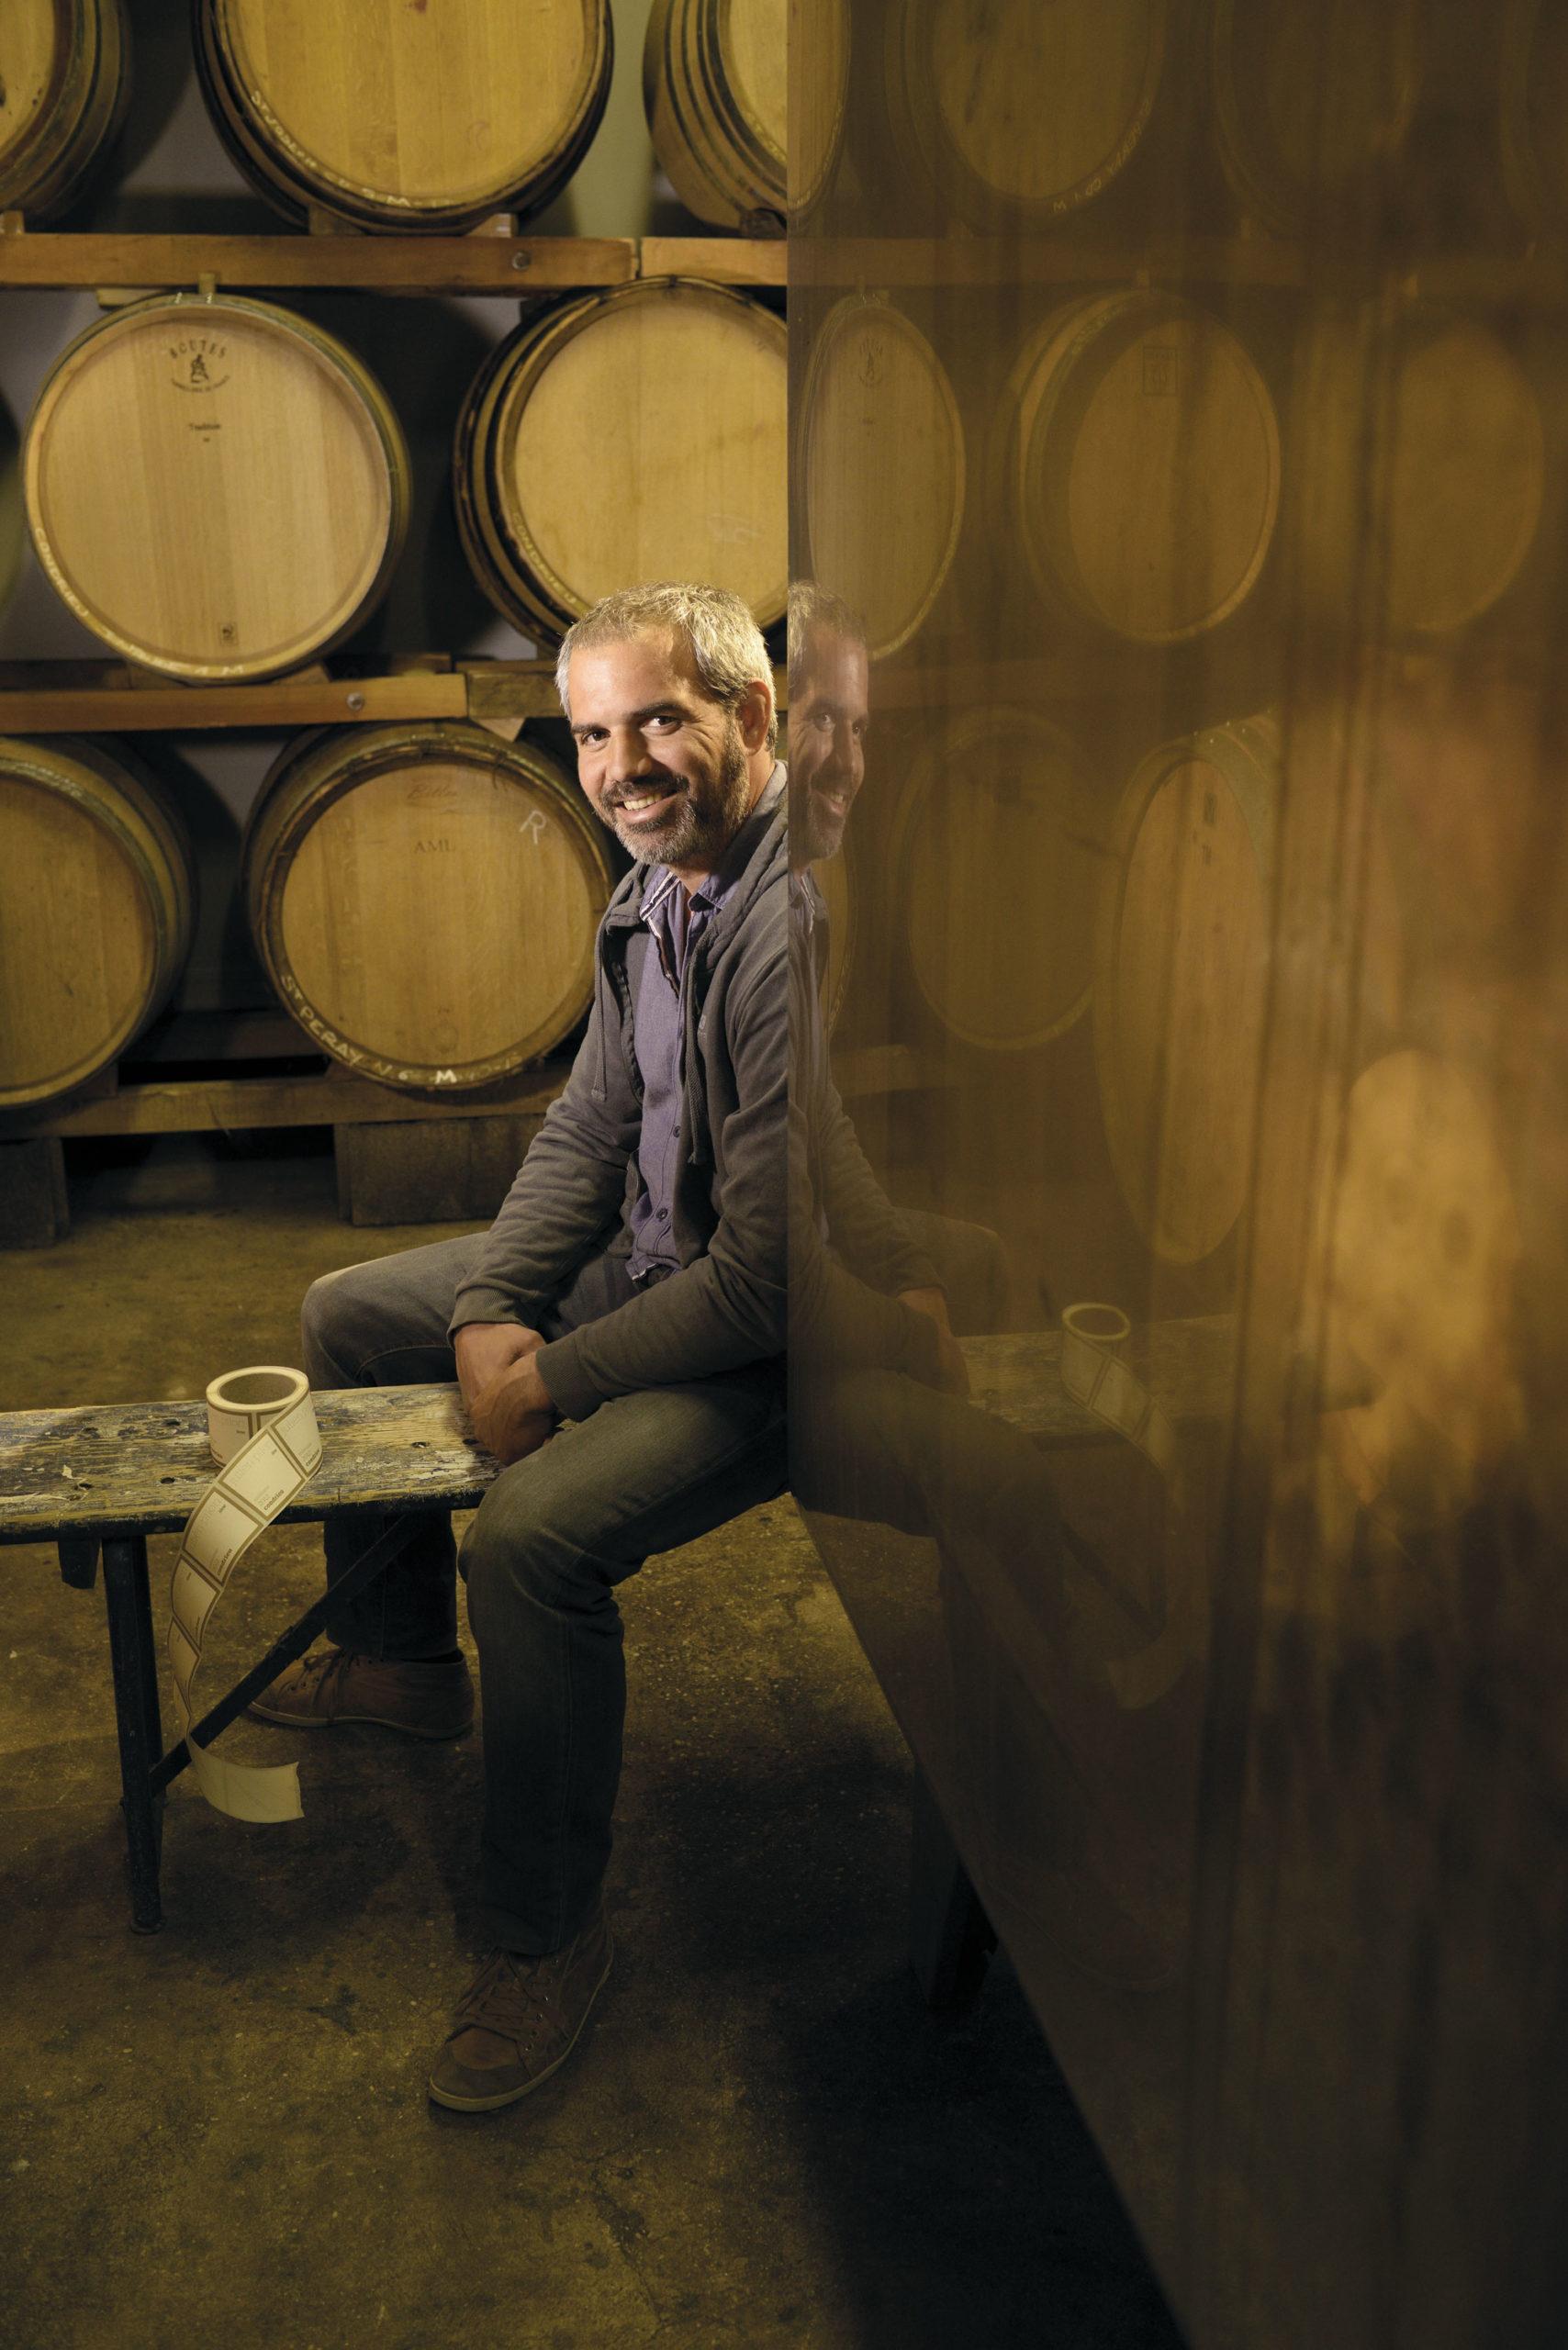 Un portrait de Julien PILON viticulteur dans sa cave